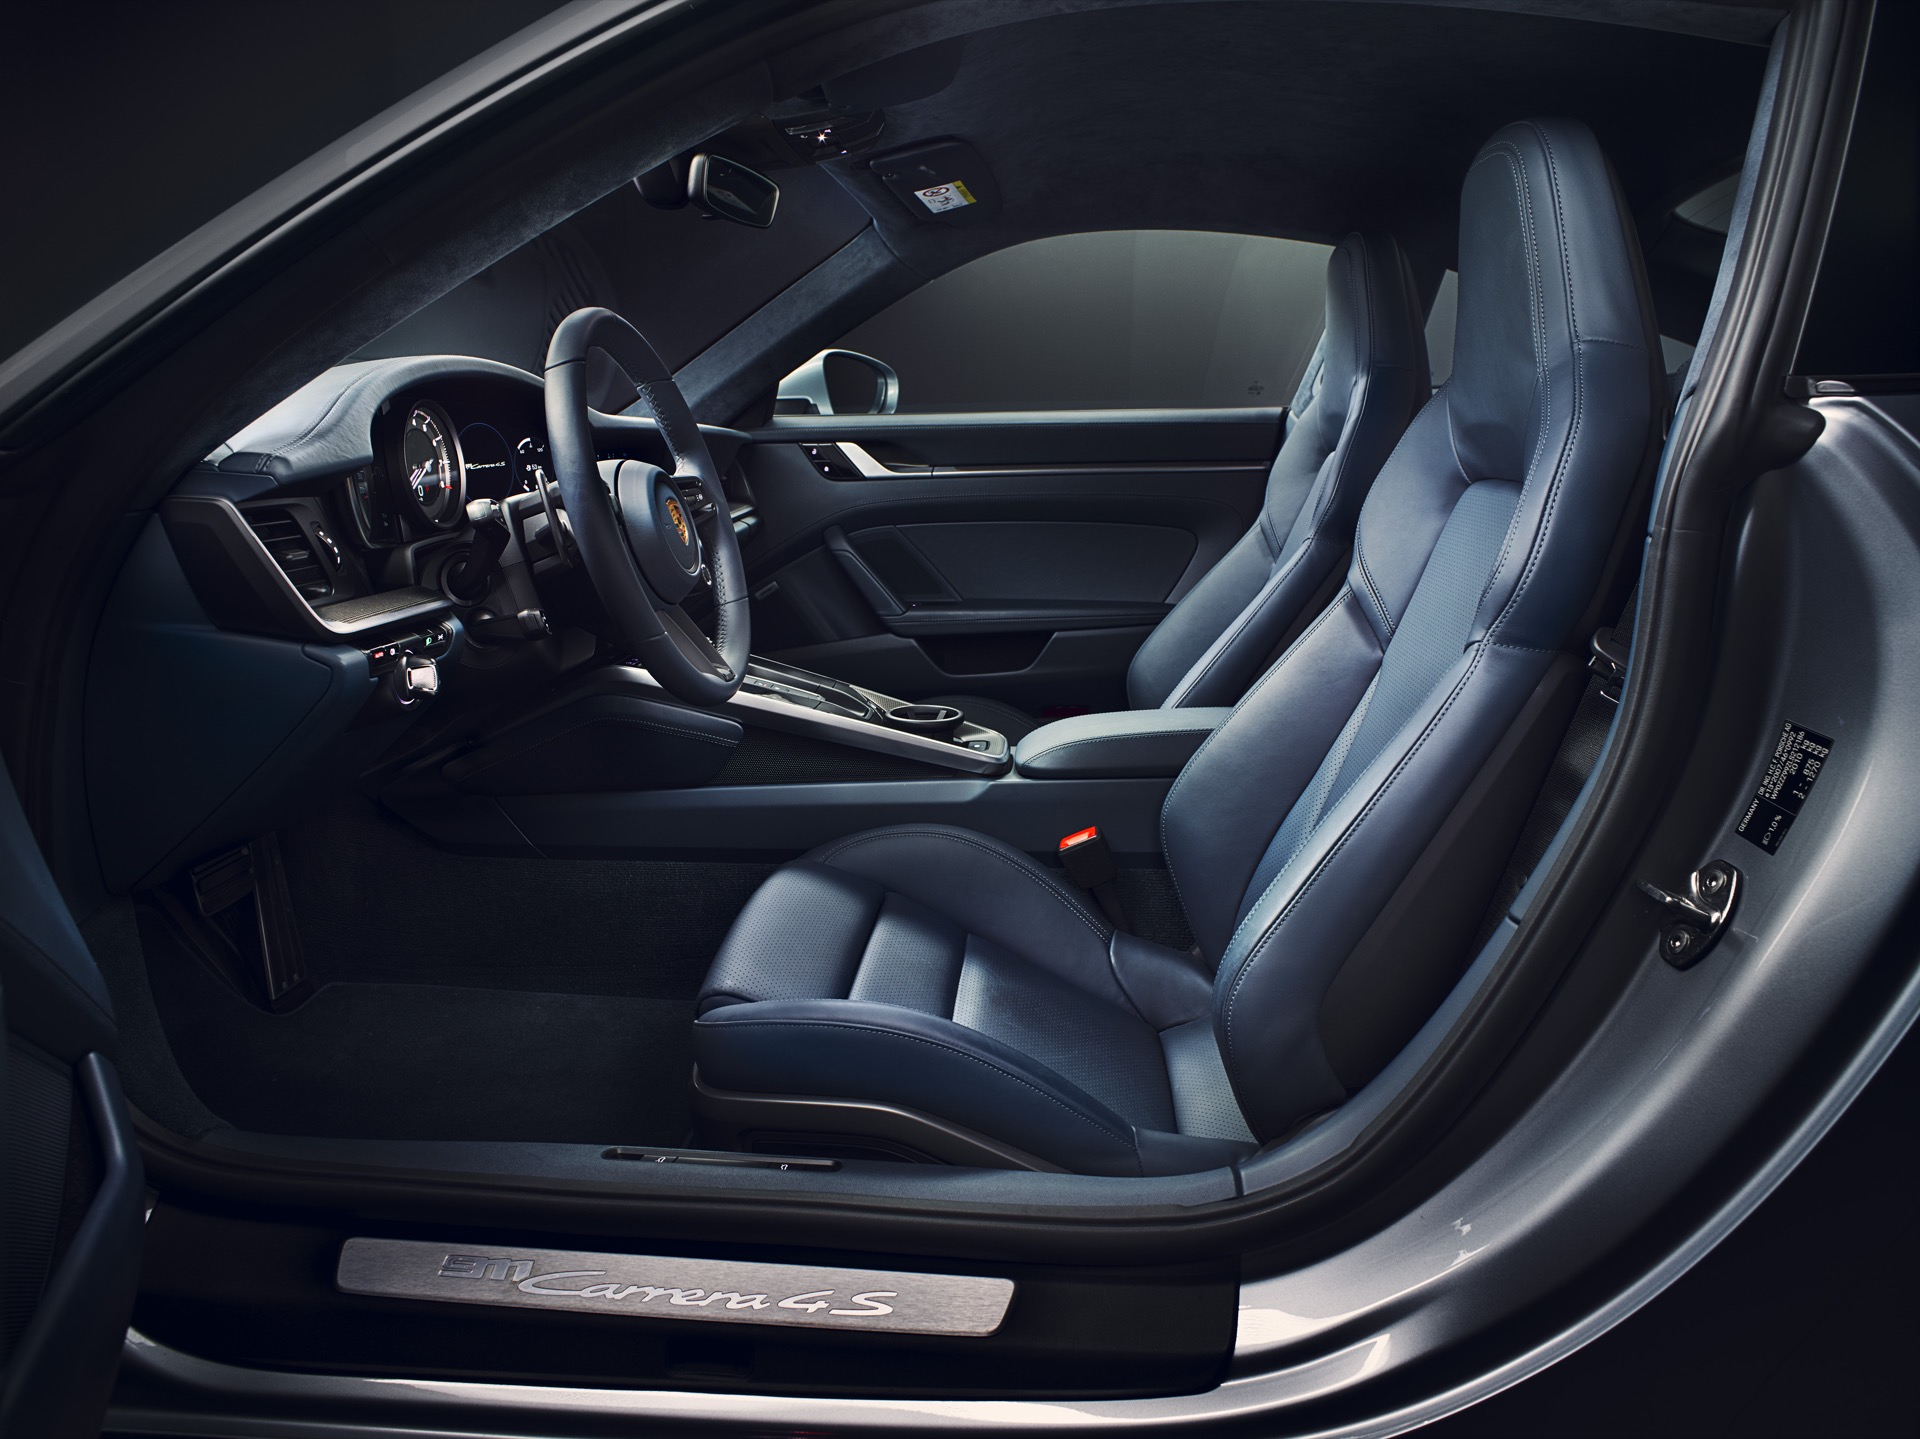 Porsche 911 992 00012